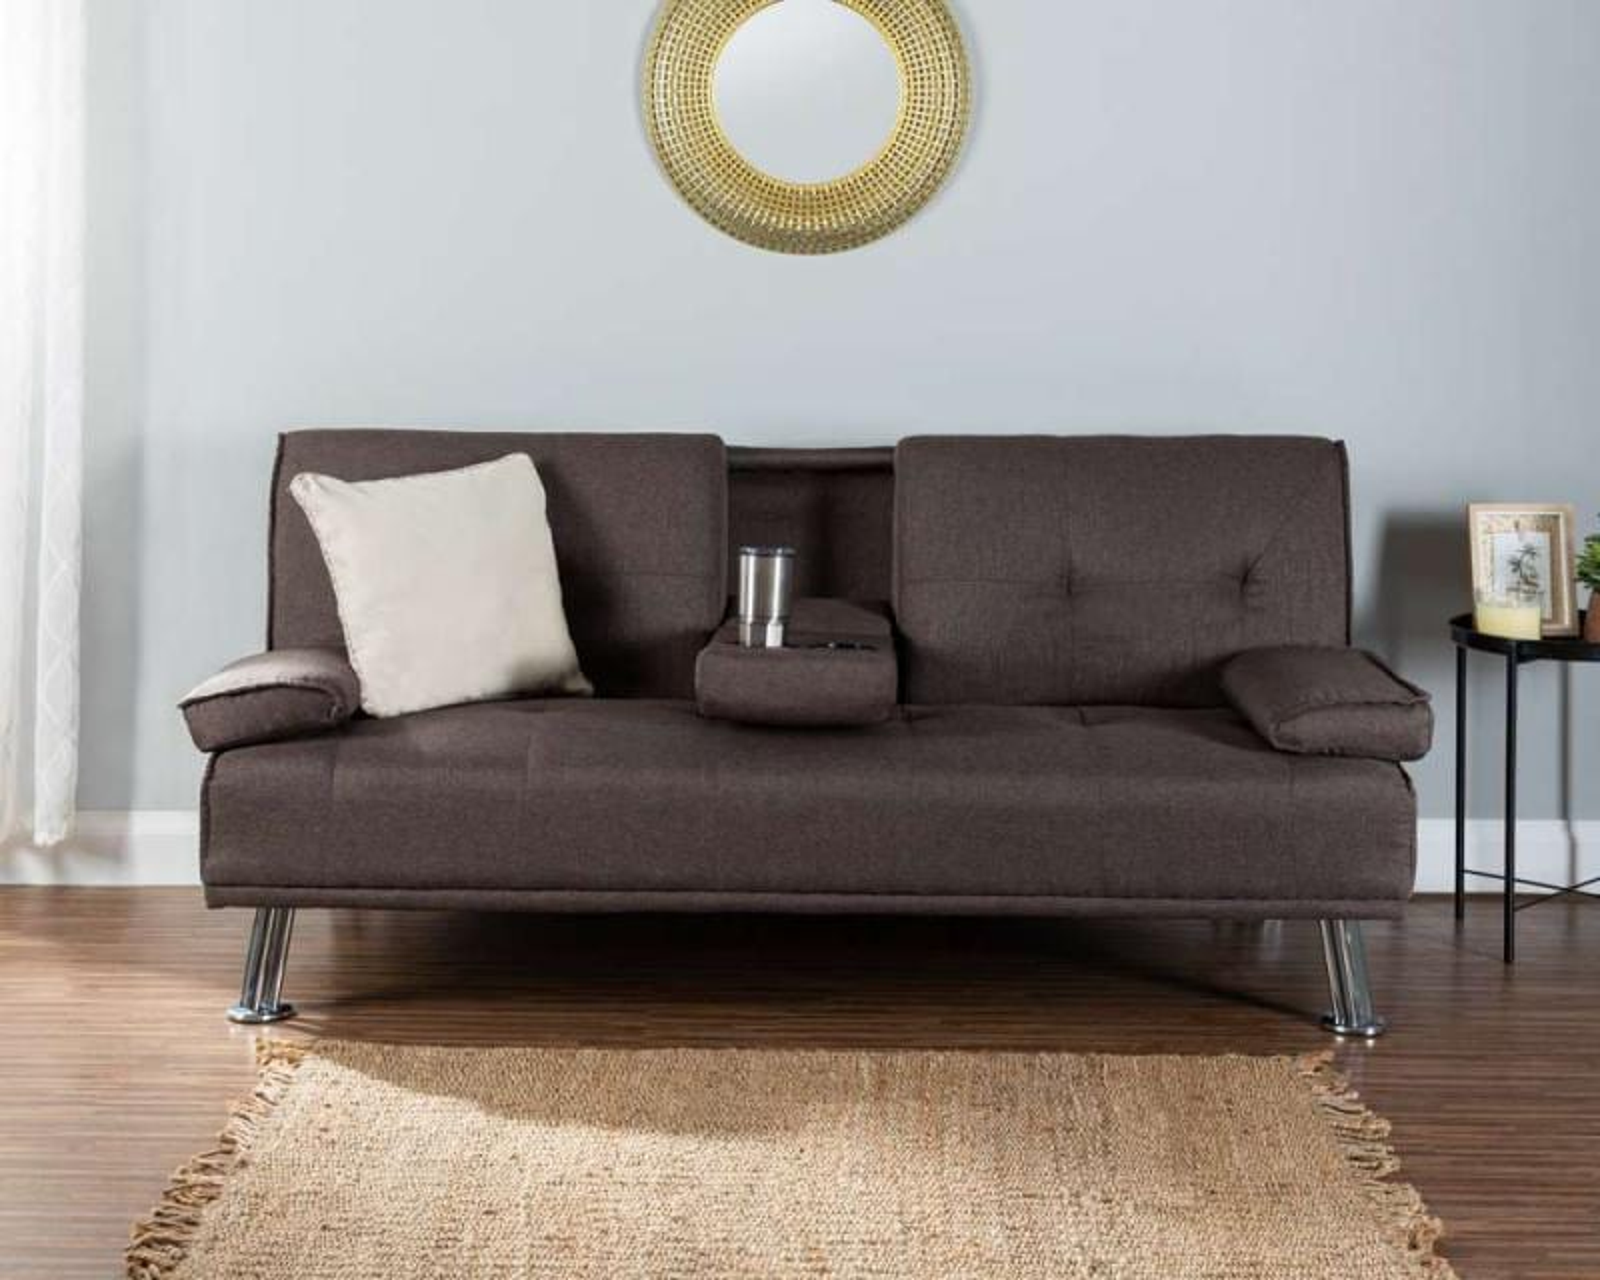 sofa cama usados distrito federal island home collection bed sofas en linea coppel com albert ii tela cafe